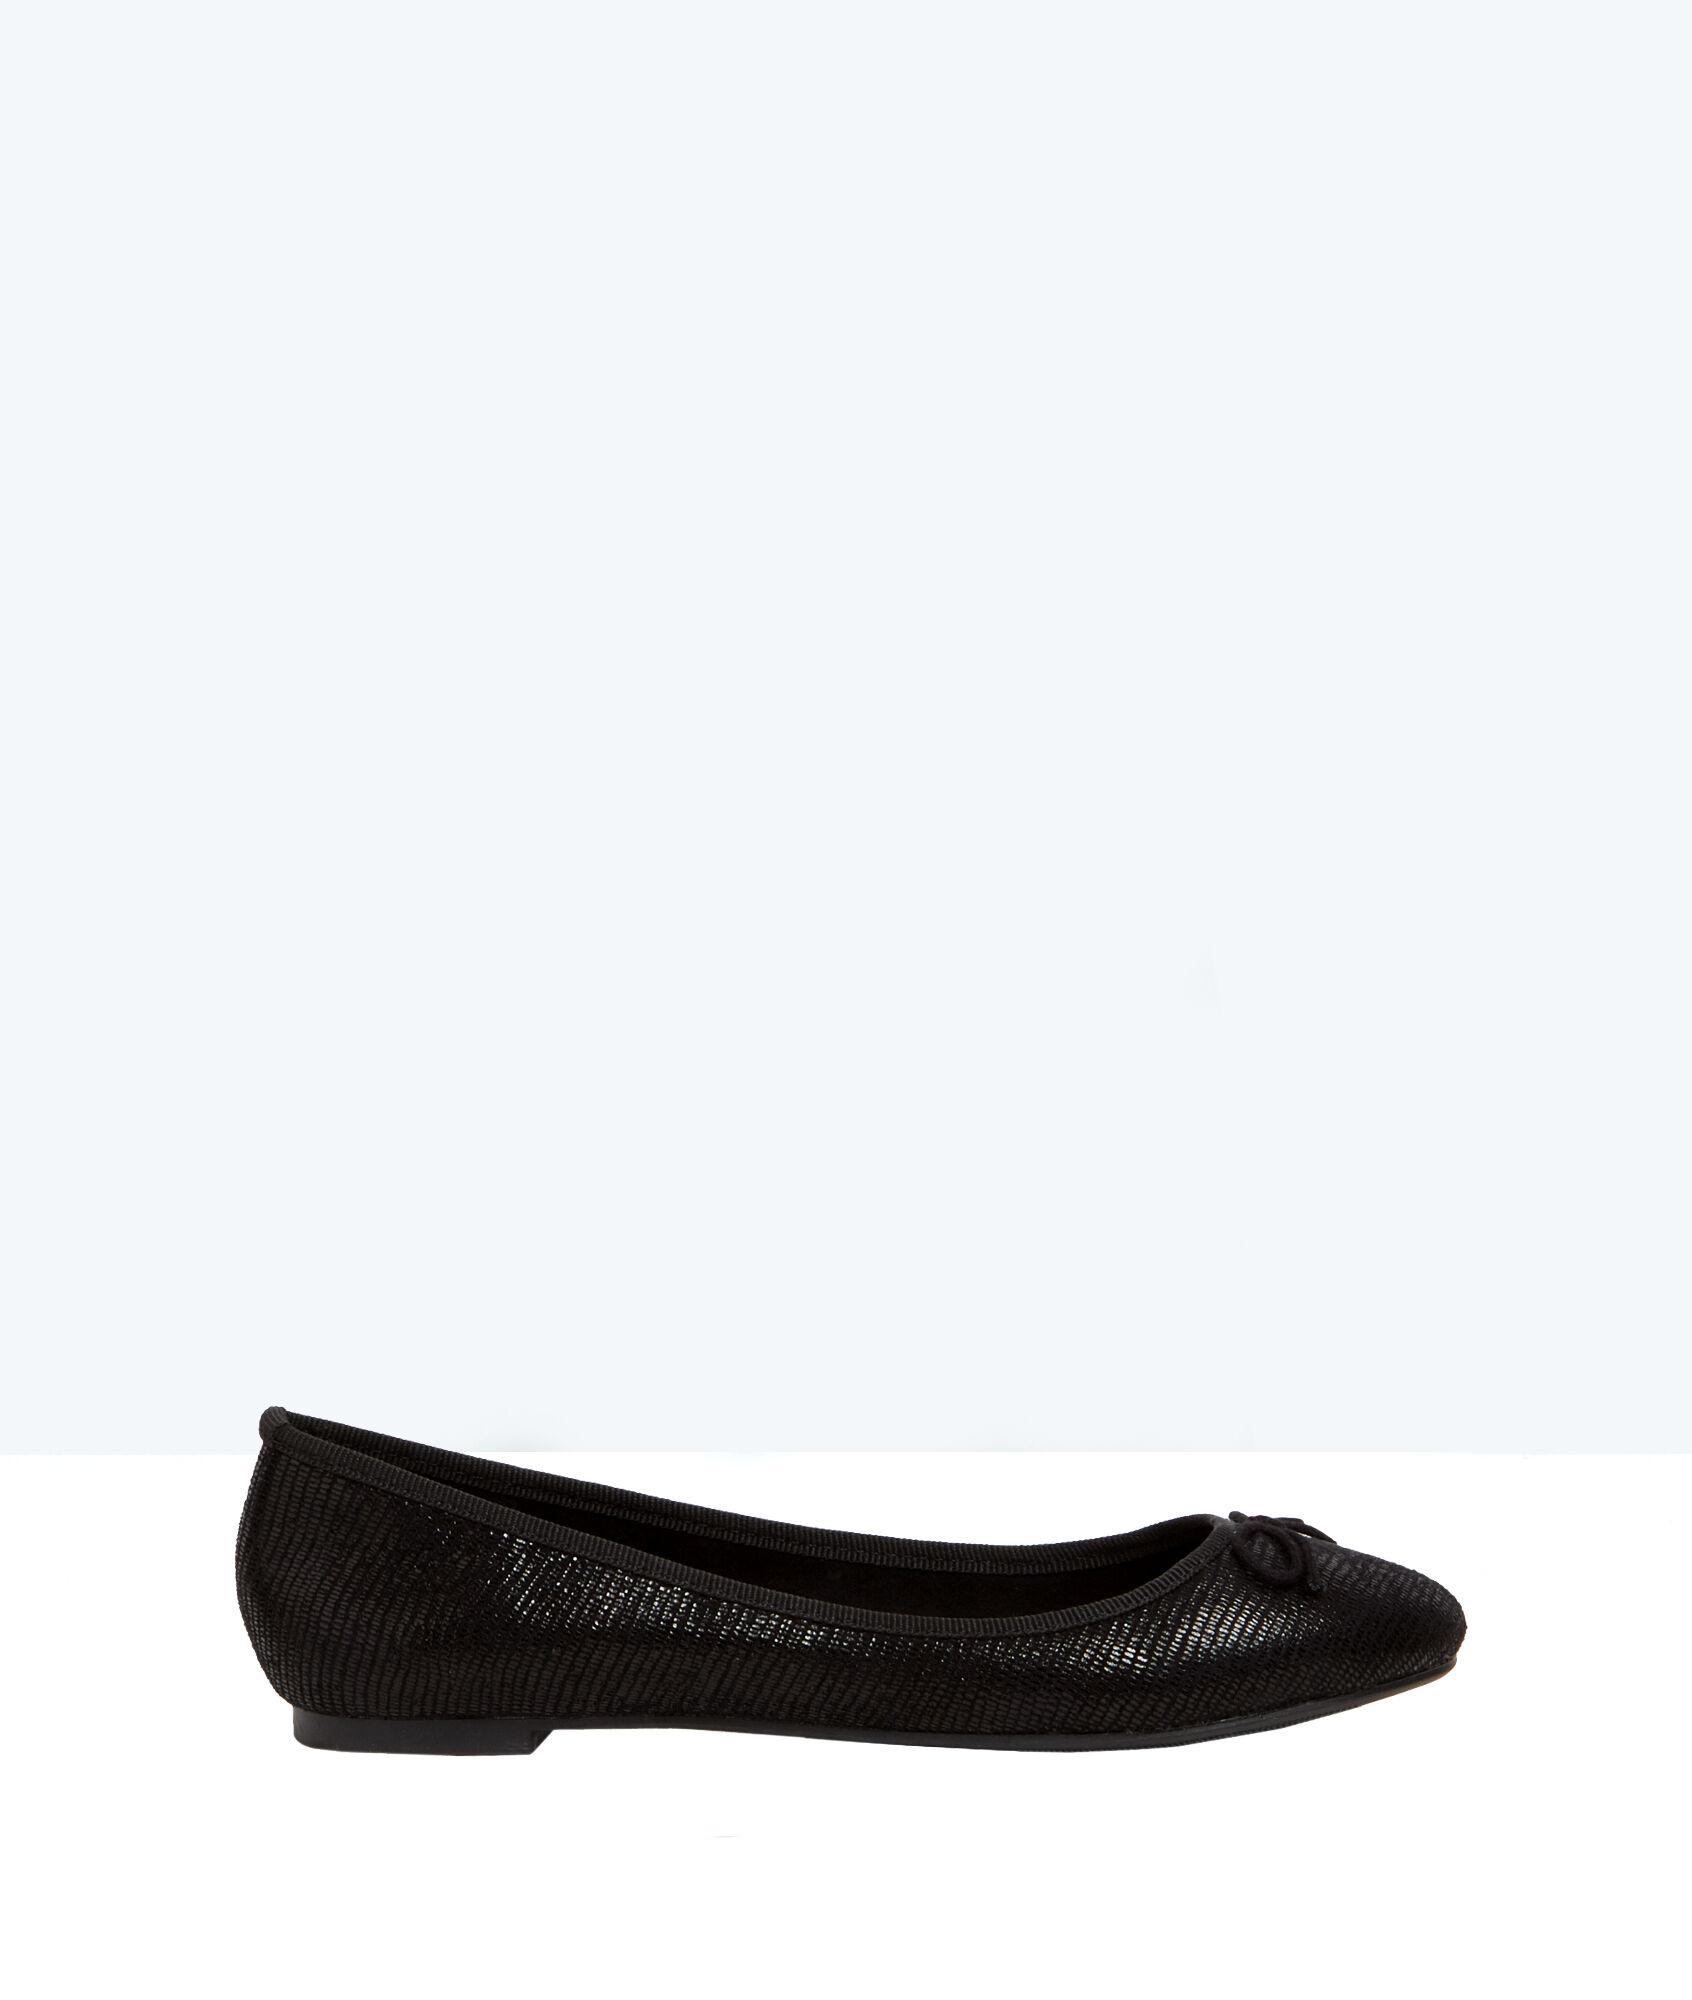 Espadrilles net a porter chaussure2 for Net 0 porter